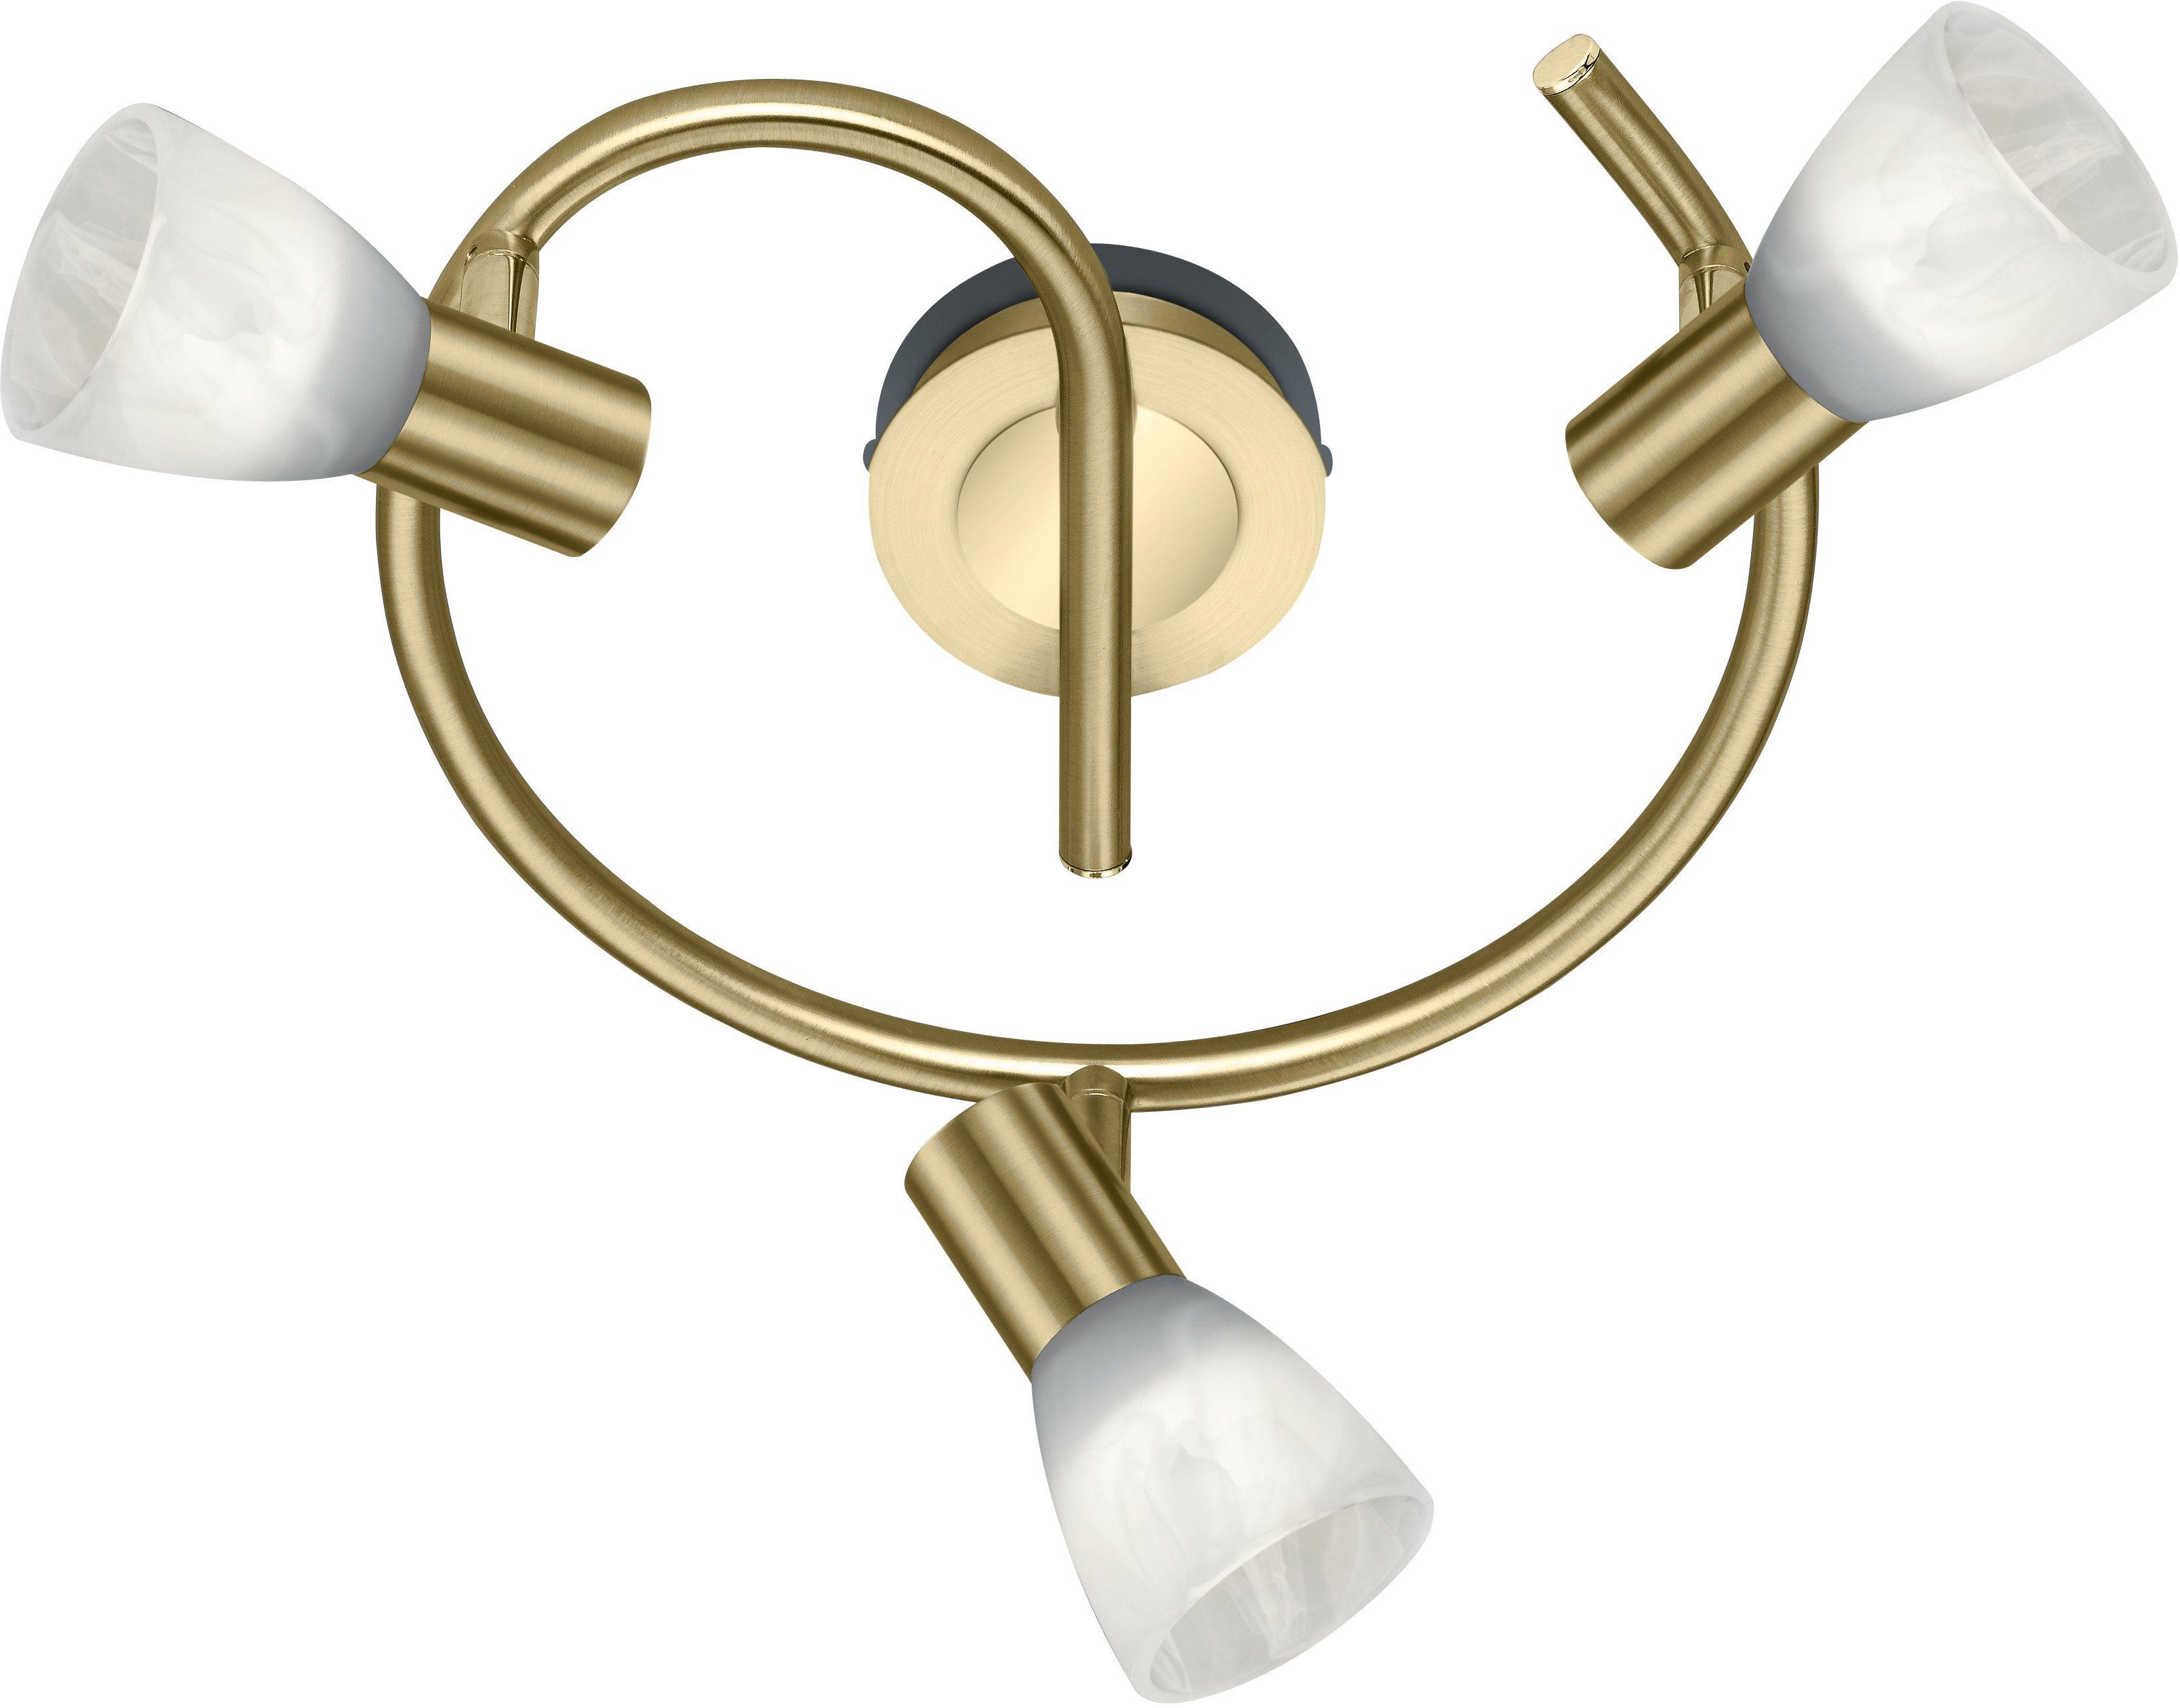 Trio Deckenleuchte, inkl. LED-Leuchtmittel, 3 flammig